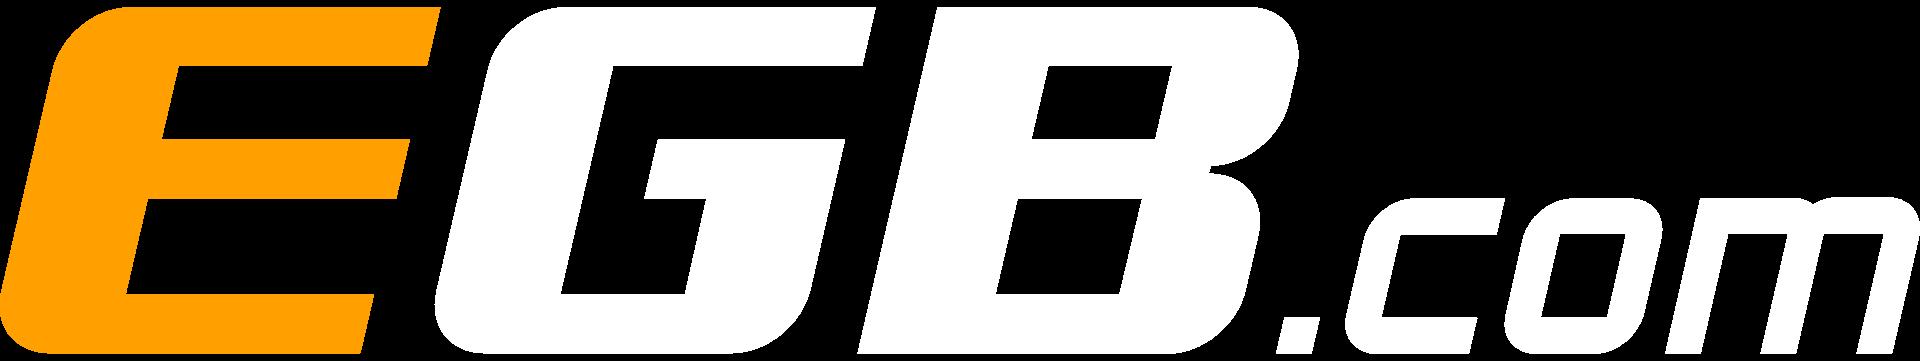 EGB официальный сайт букмекерской конторы